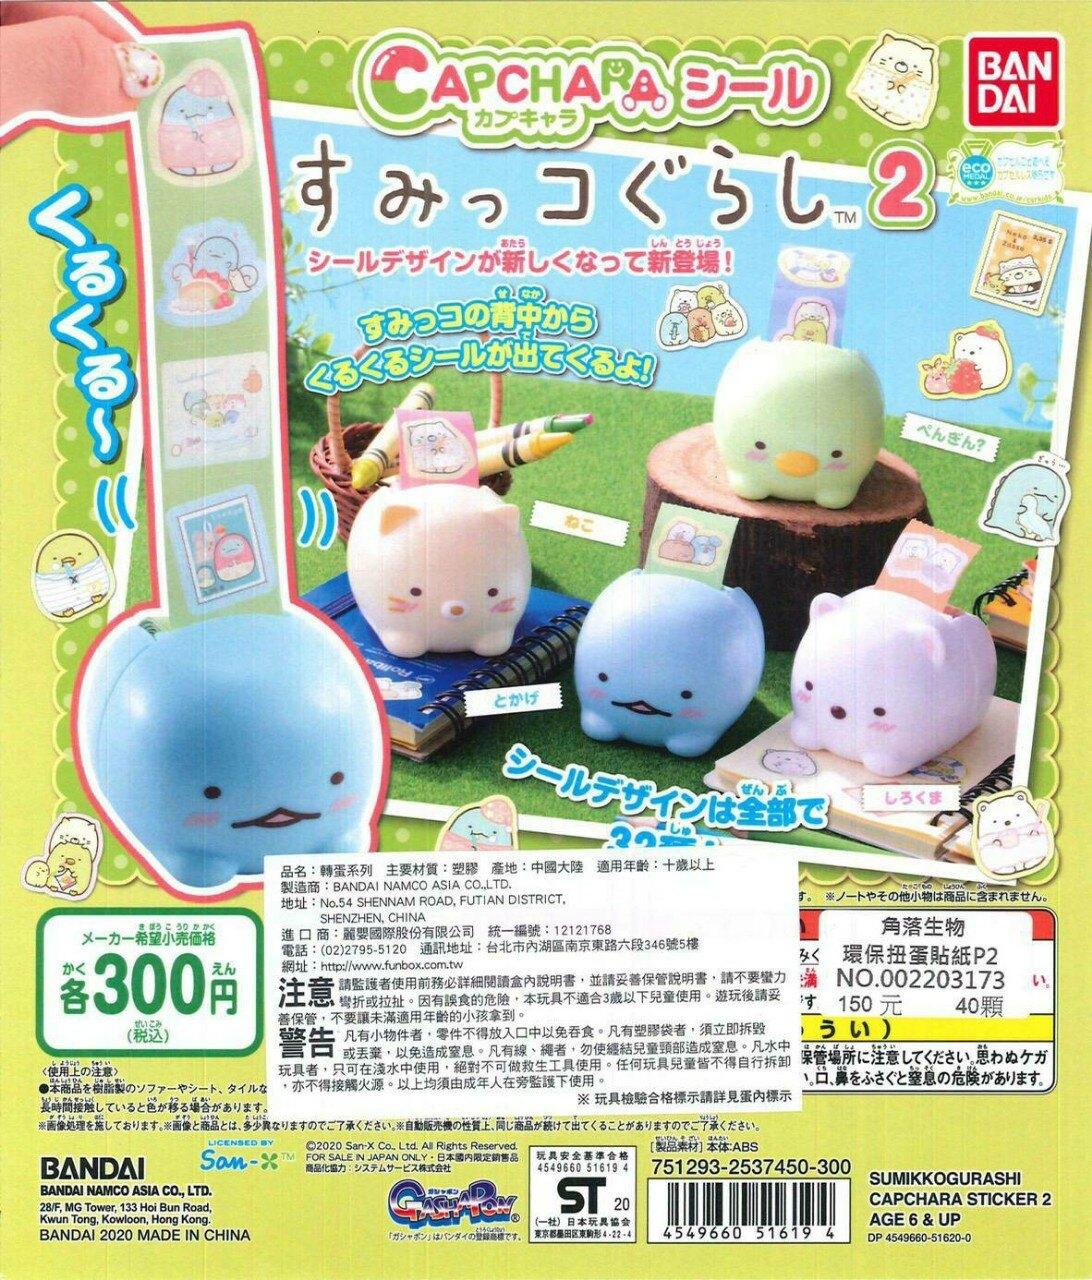 日本角落生物環保扭蛋貼紙